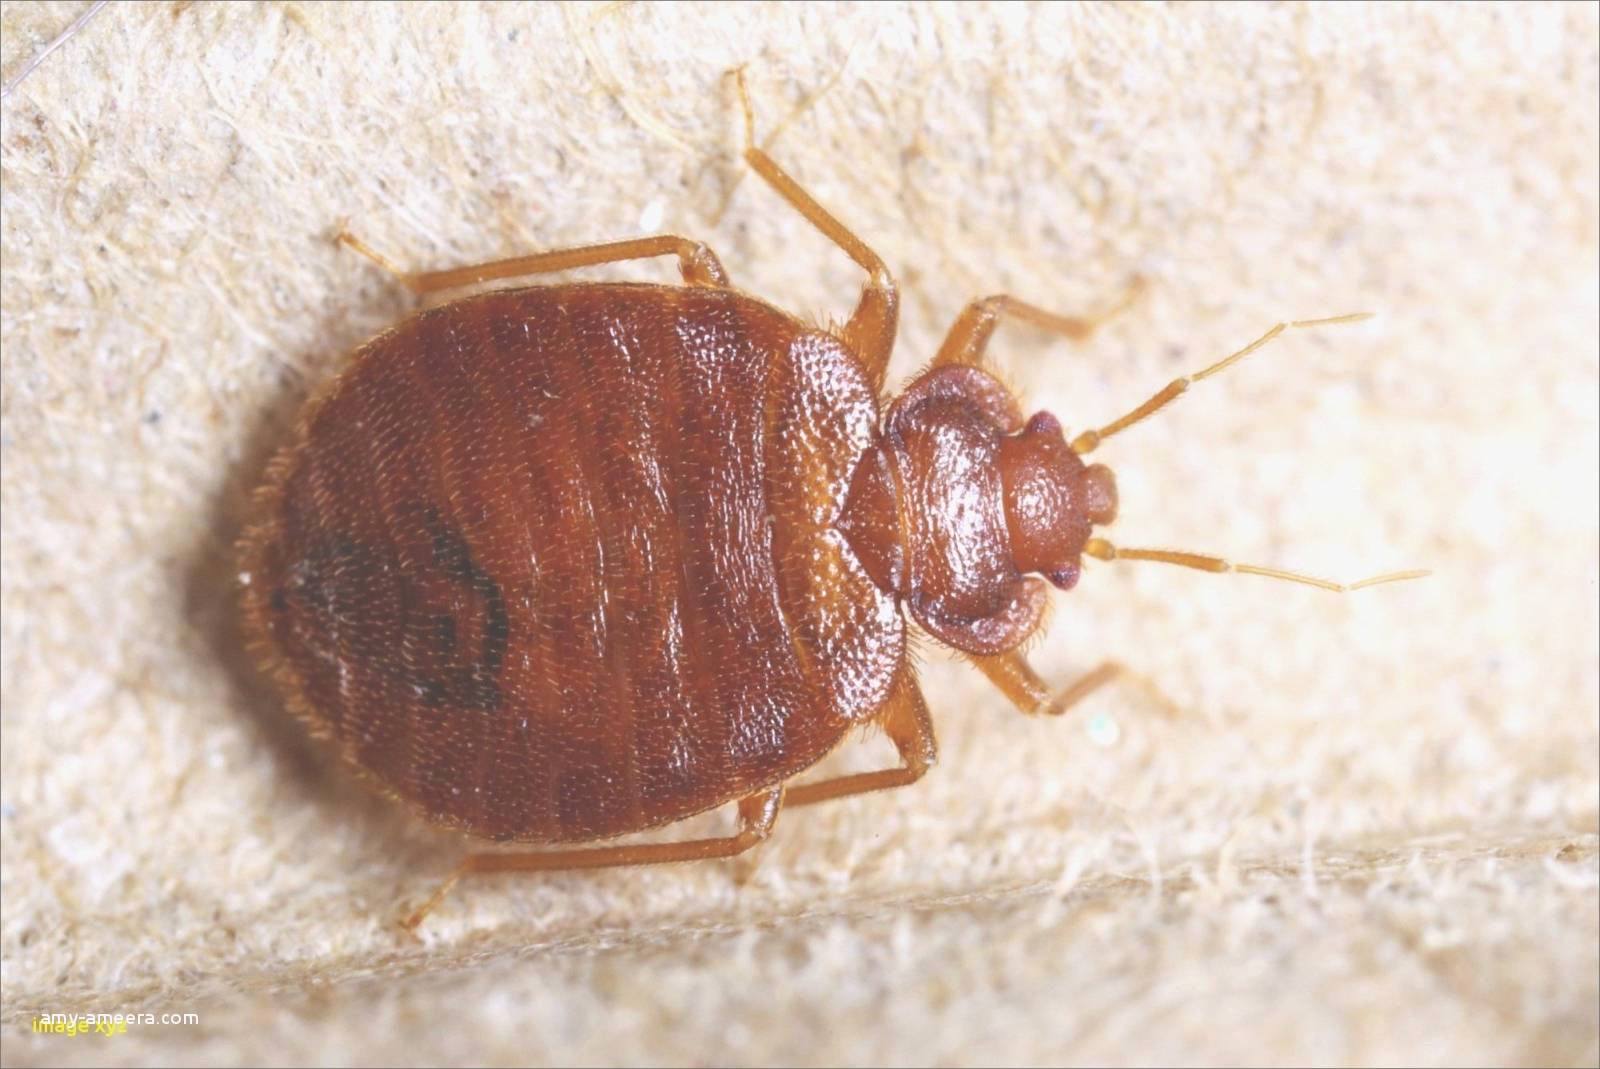 puce de matelas unique insecte du lit insecte de lit roi matelas unique matelas massage 0d of puce de matelas 1